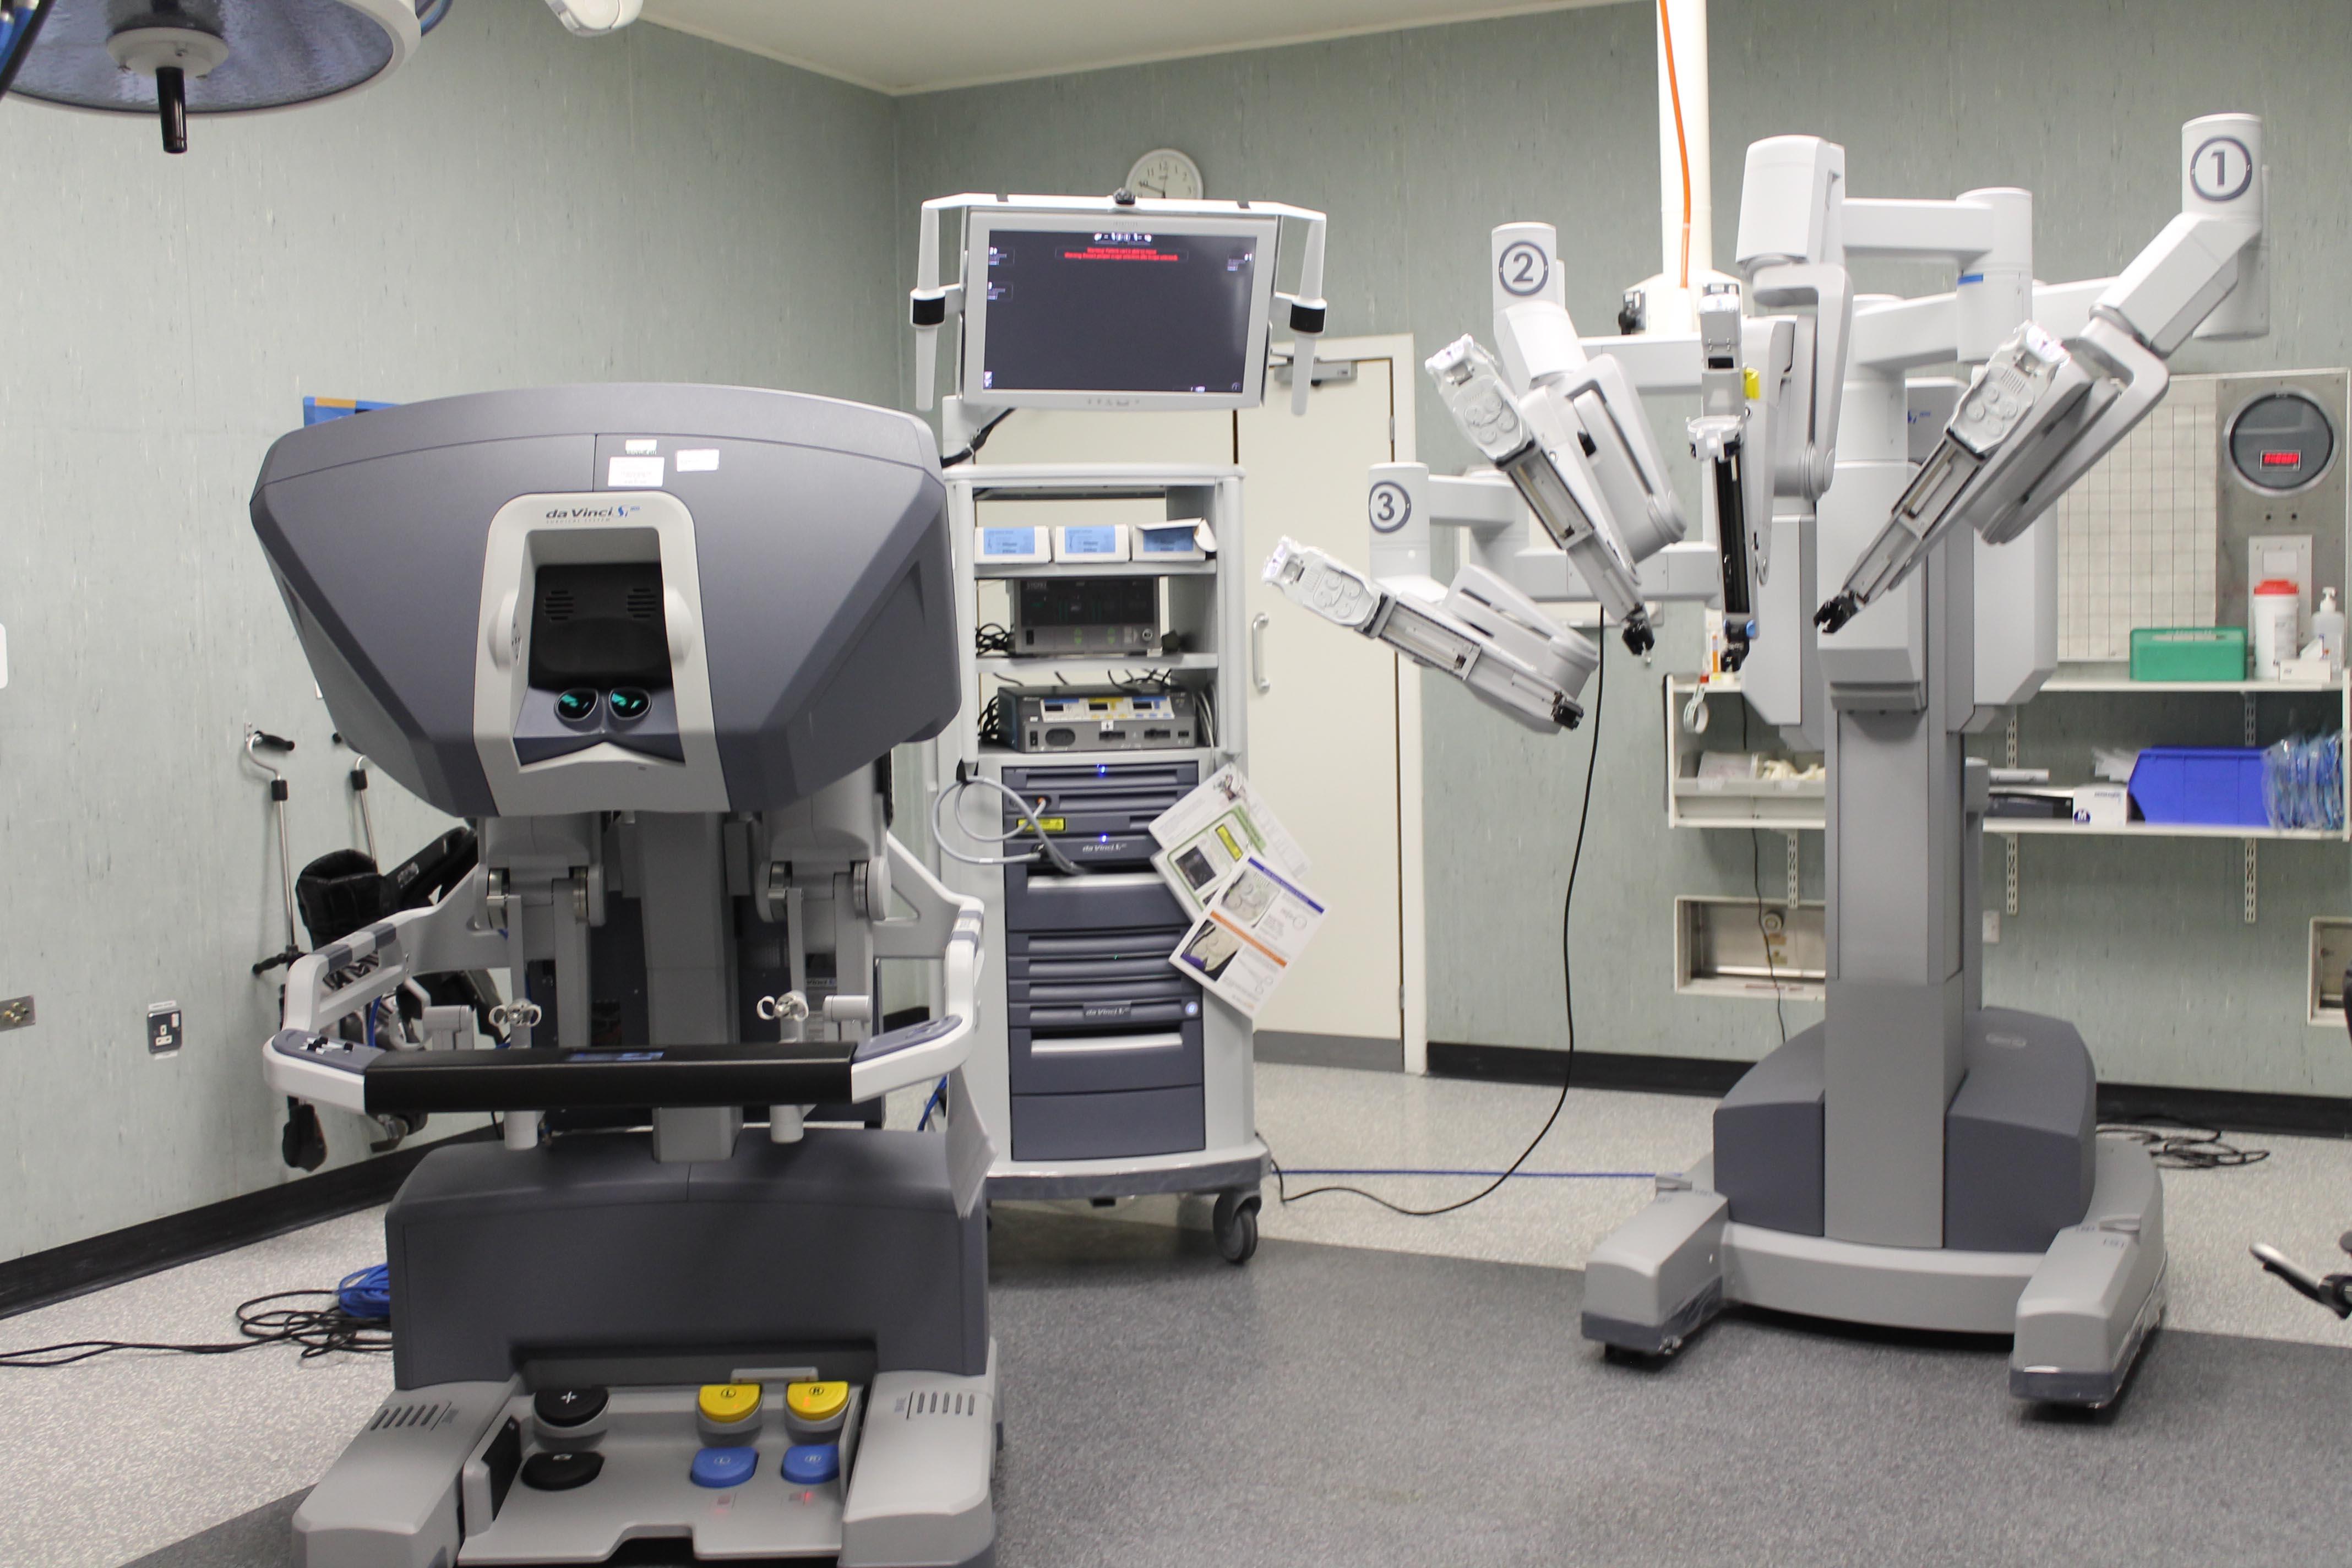 专注手术引擎定制机器人,云百生云手术导航延时仅37ms